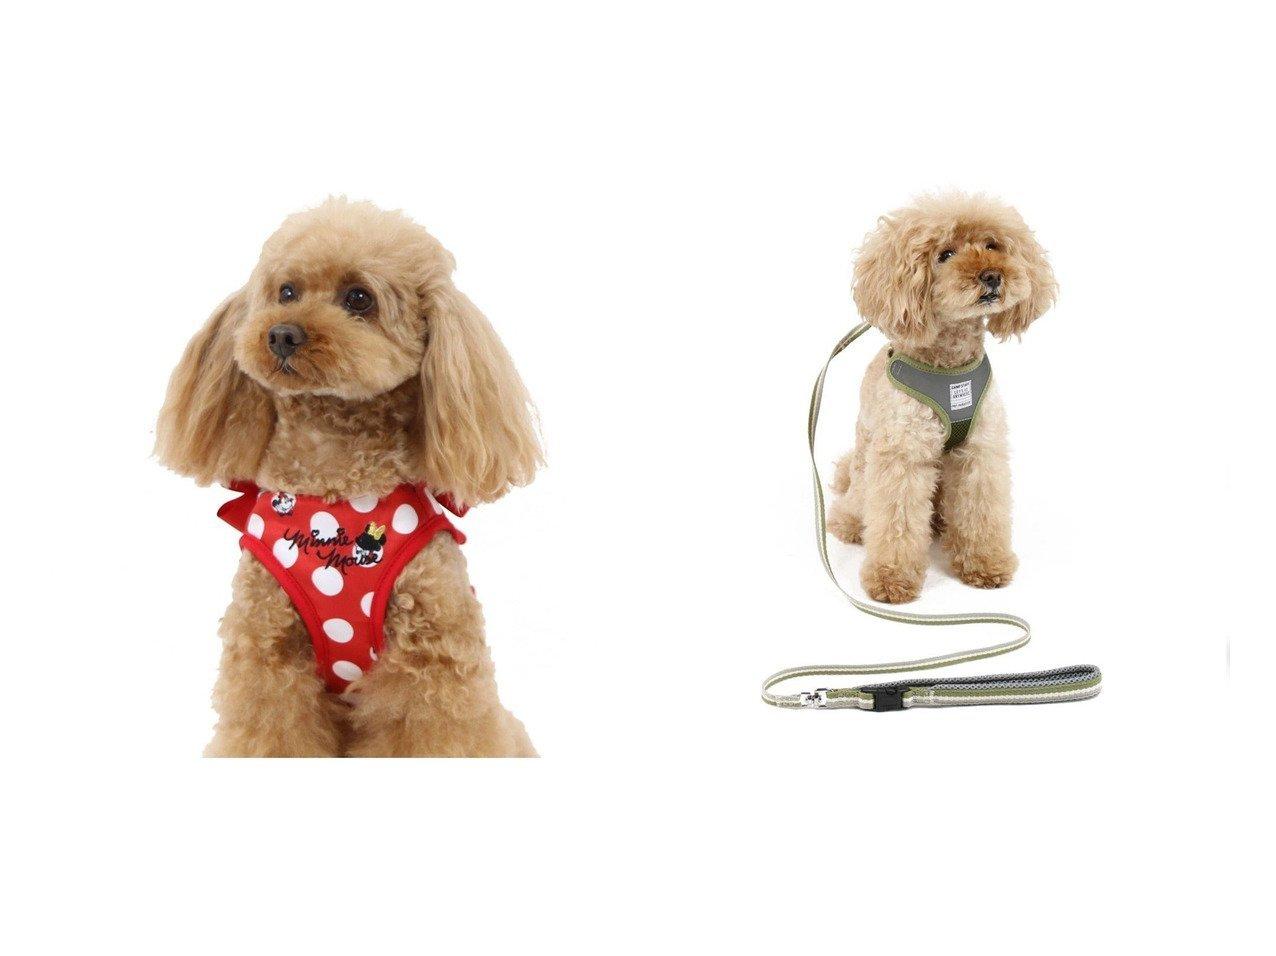 【PET PARADISE/ペットパラダイス】のディズニー ミニーマウス 水玉ベスト ハーネス 3S&ペットパラダイス 反射 カーキ リード付ハーネス ペットS おすすめ!人気、ペットグッズの通販 おすすめで人気の流行・トレンド、ファッションの通販商品 メンズファッション・キッズファッション・インテリア・家具・レディースファッション・服の通販 founy(ファニー) https://founy.com/ ベスト 水玉 ホームグッズ Home/Garden ペットグッズ Pet Supplies  ID:crp329100000032784